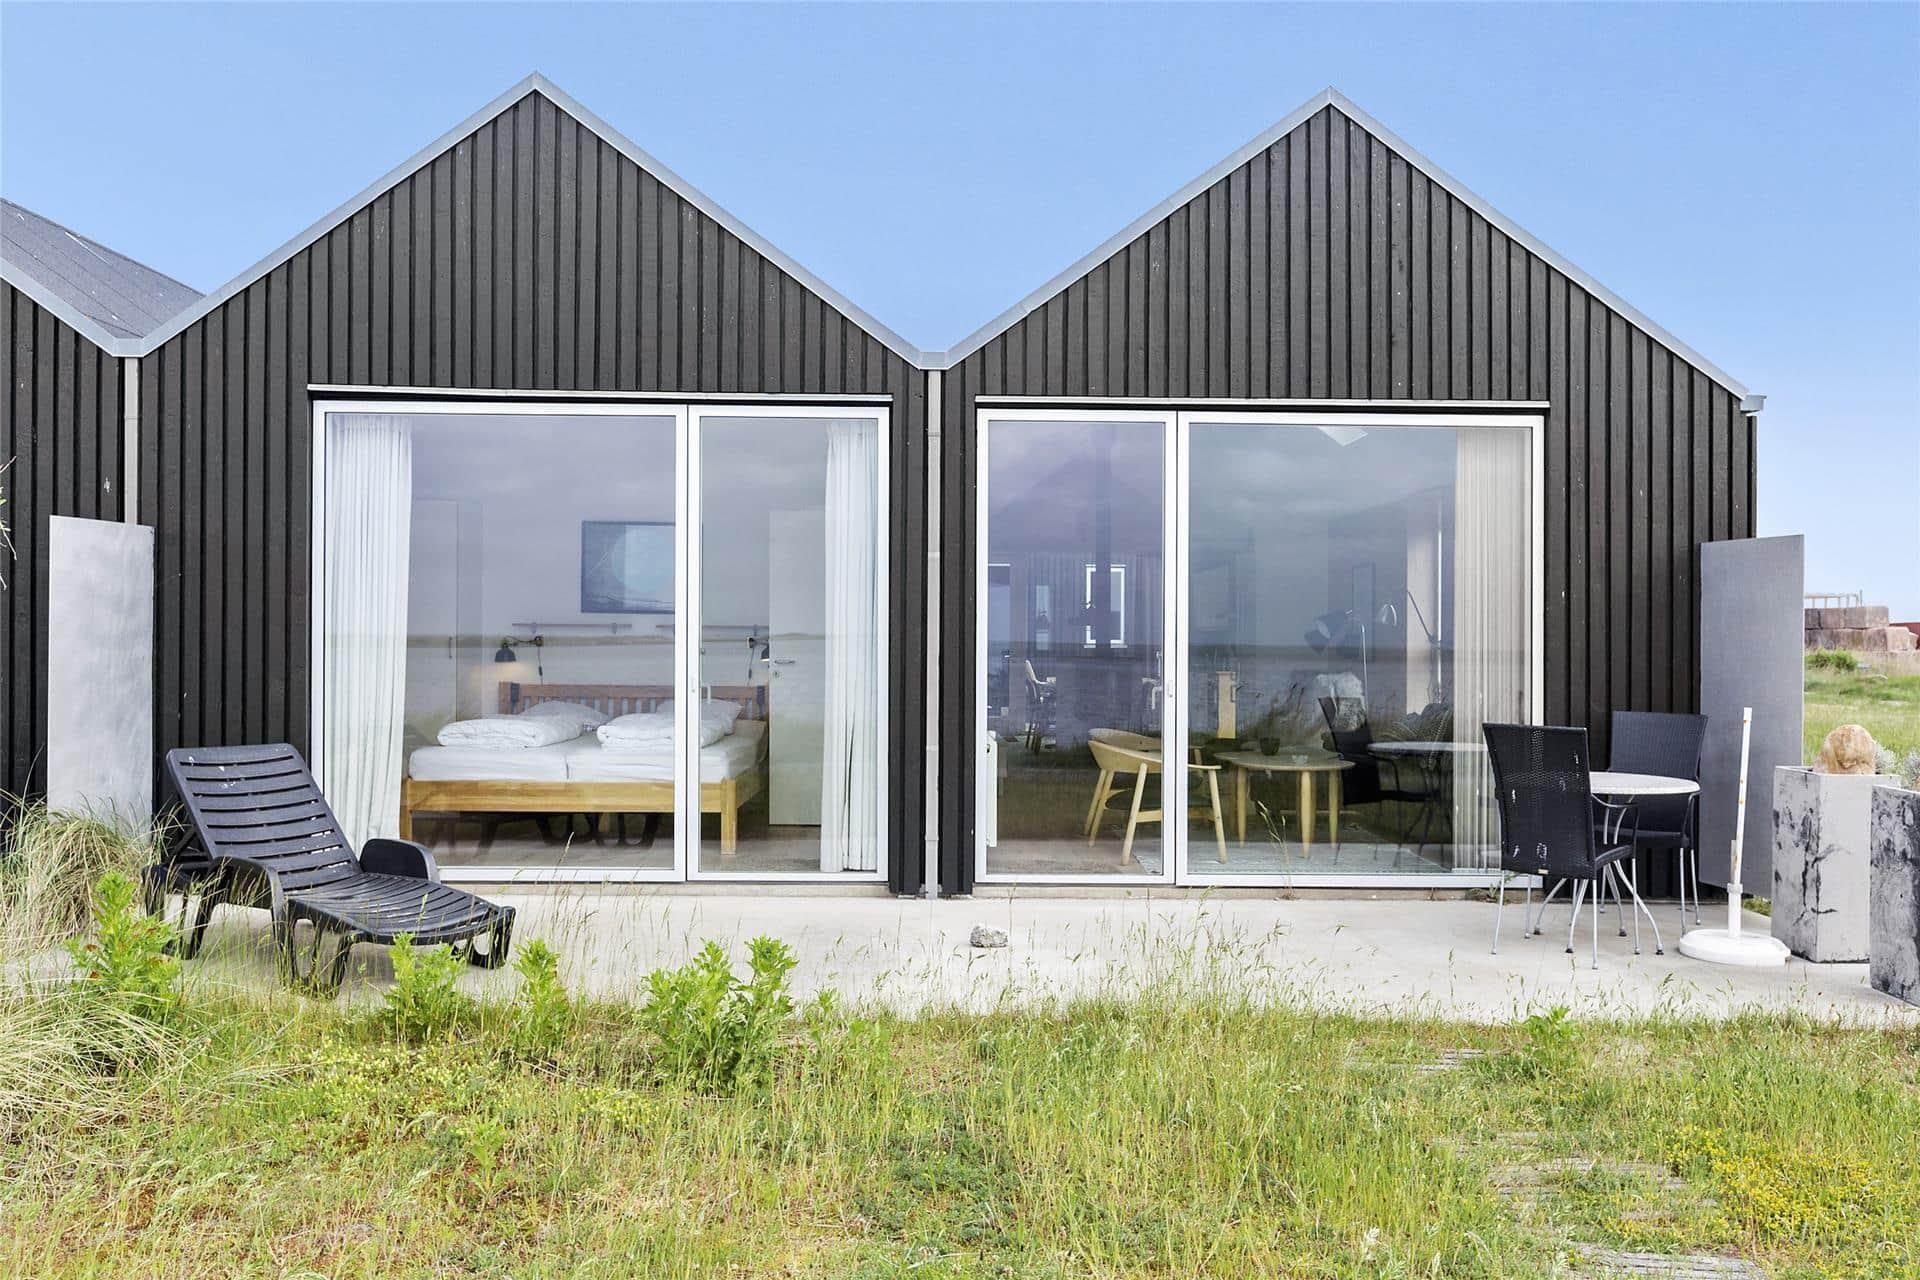 Billede 0-4 Sommerhus 754, Slusen 54, DK - 6960 Hvide Sande